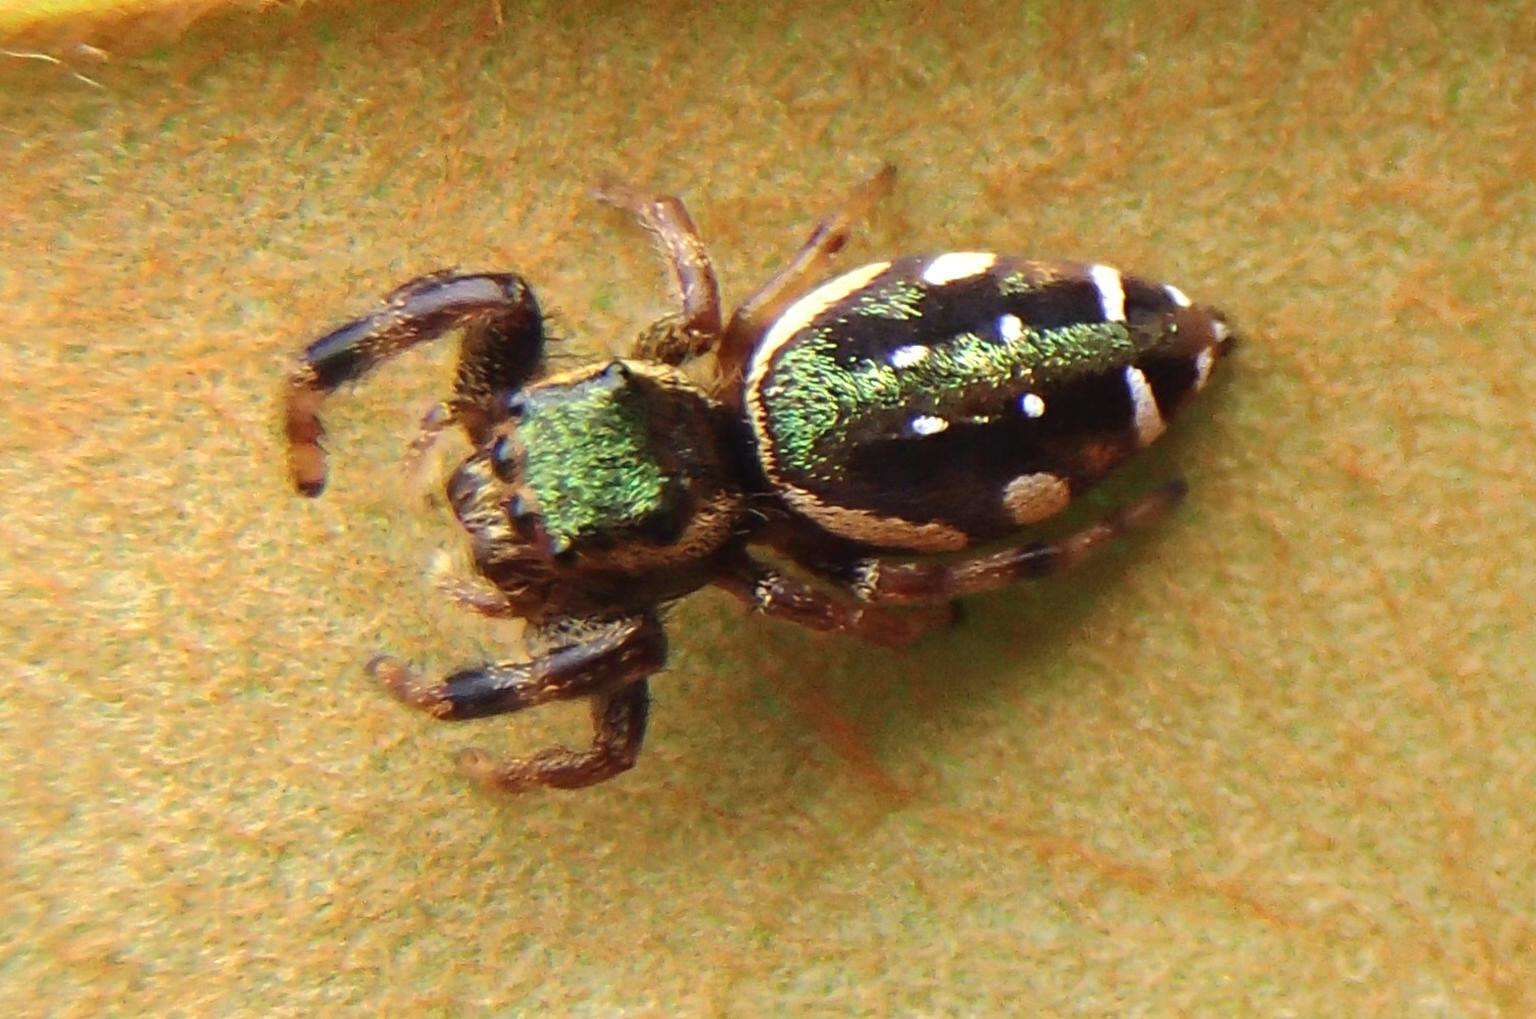 Picture of Paraphidippus aurantius (Emerald Jumping Spider) - Female - Dorsal